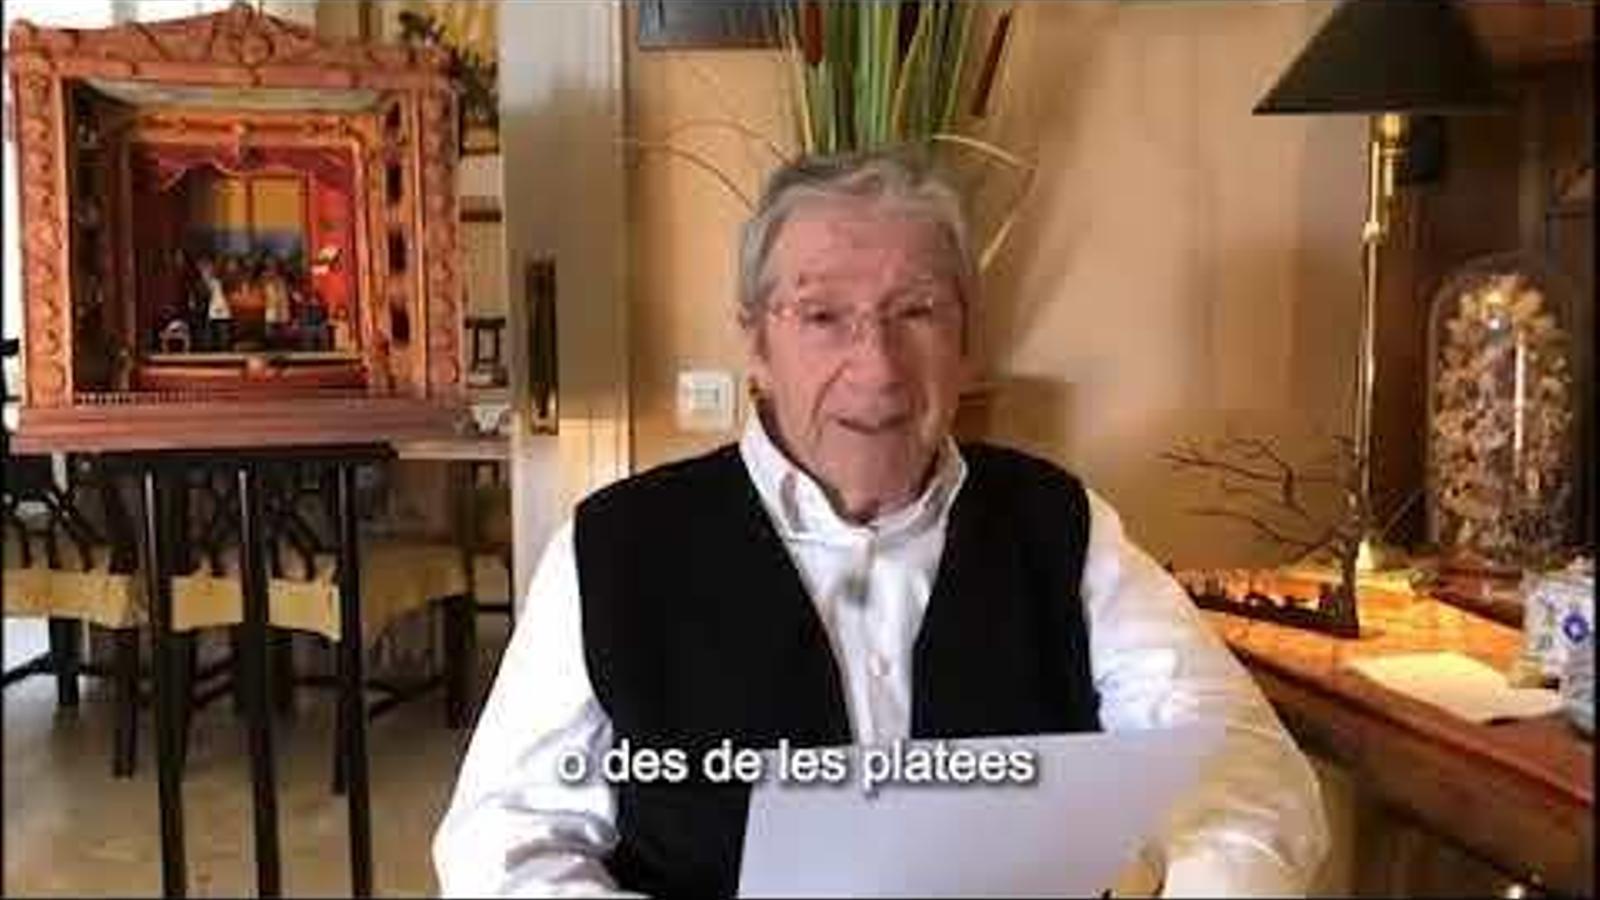 El missatge d'Adetca llegit per Joan Pera al Dia Mundial del Teatre